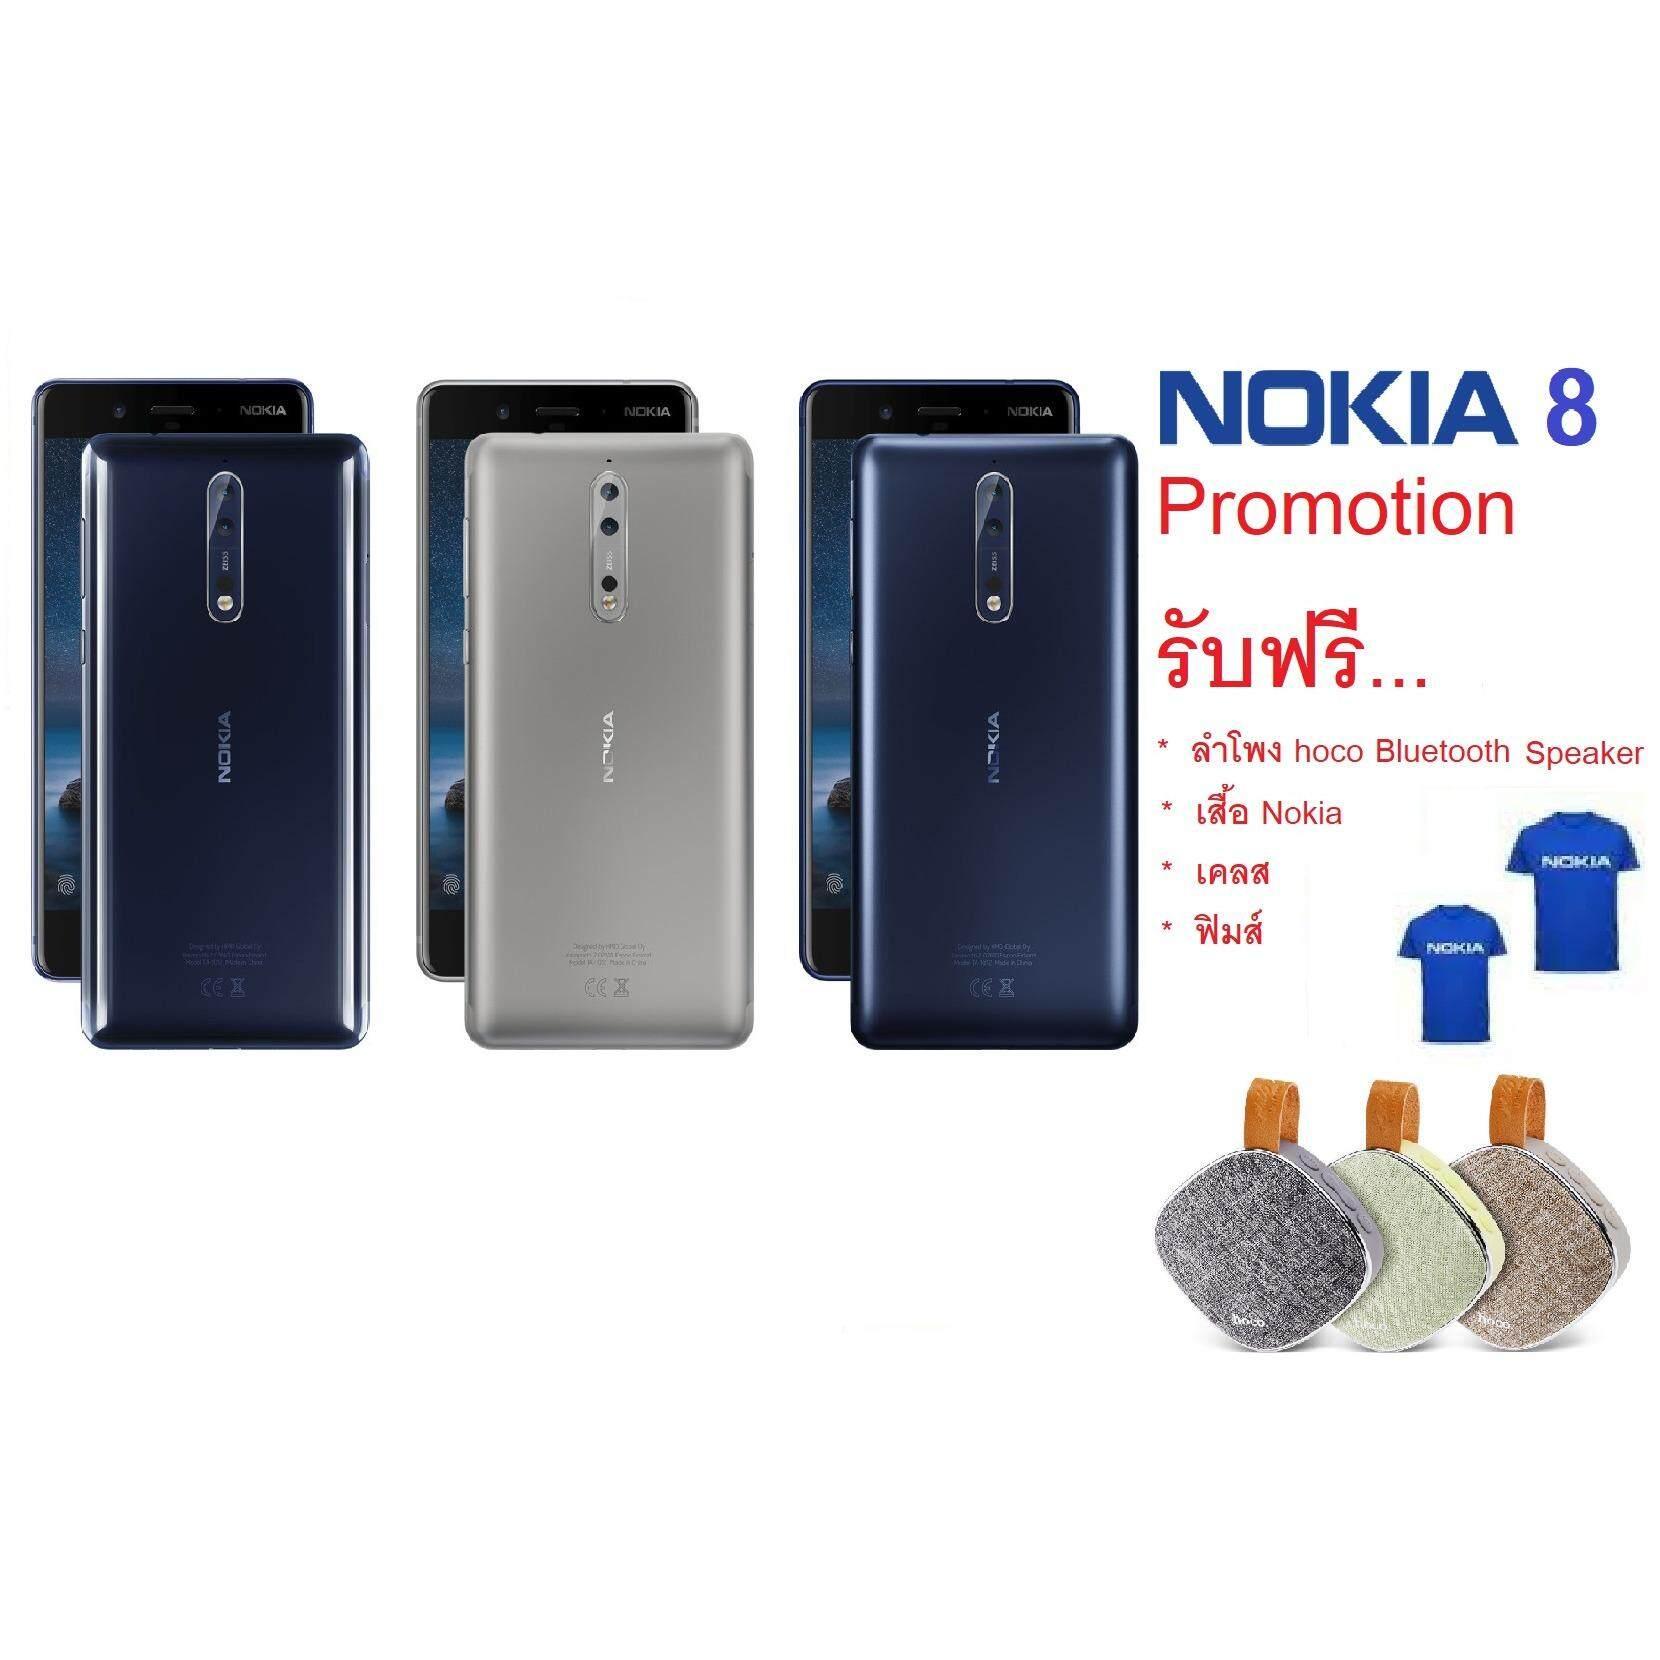 ขาย Nokia 8 5 3 Ips Qhd Ram 4Gb Rom 64 Gb Camera F B13 Mp Polish Blue เครื่องประกันศูนย์ไทยแท้ 100 ออนไลน์ ใน อุตรดิตถ์